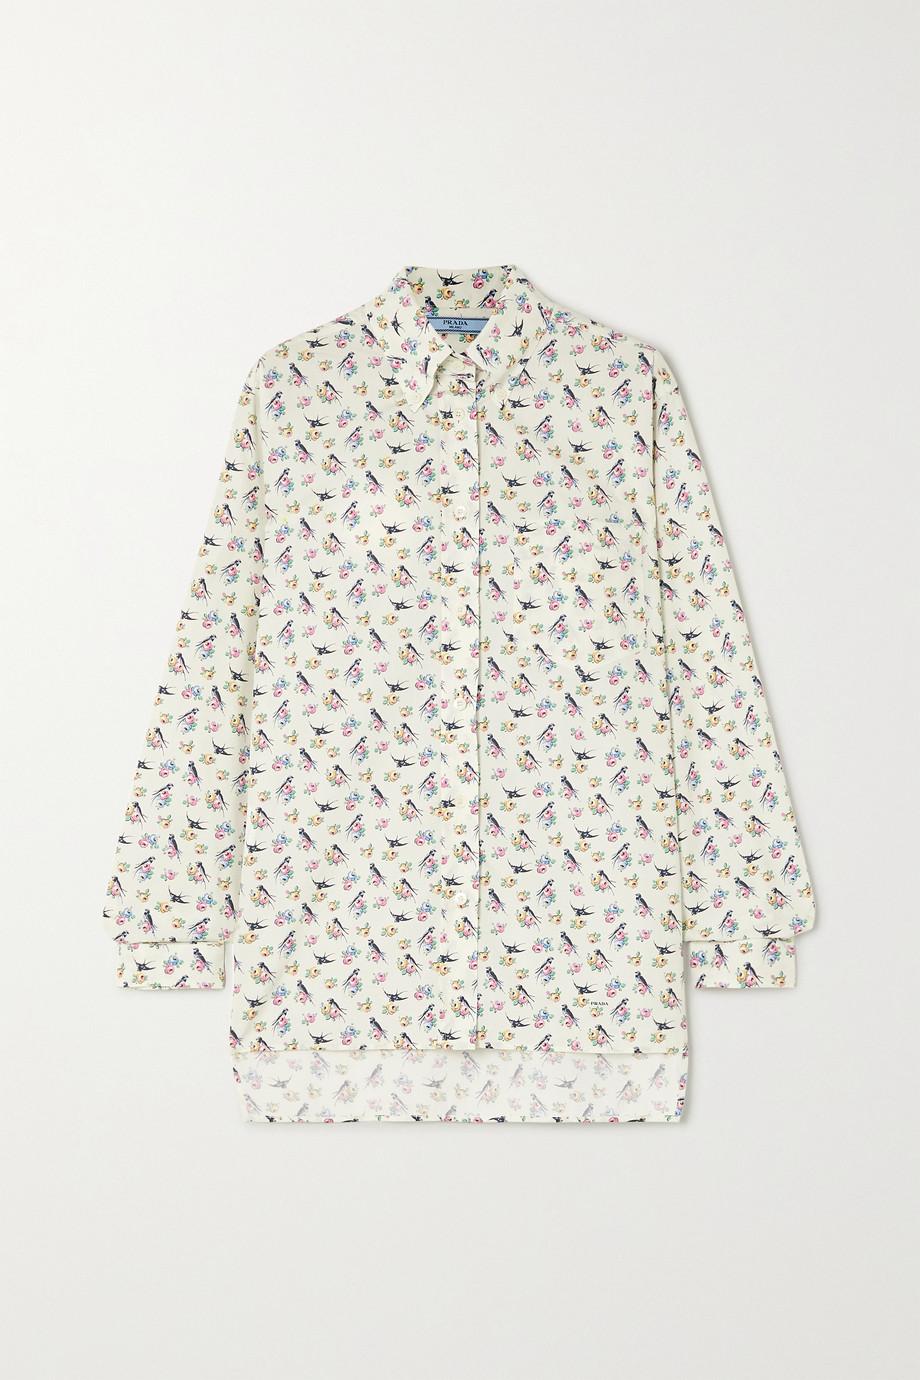 Prada Hemd aus bedruckter Baumwollpopeline